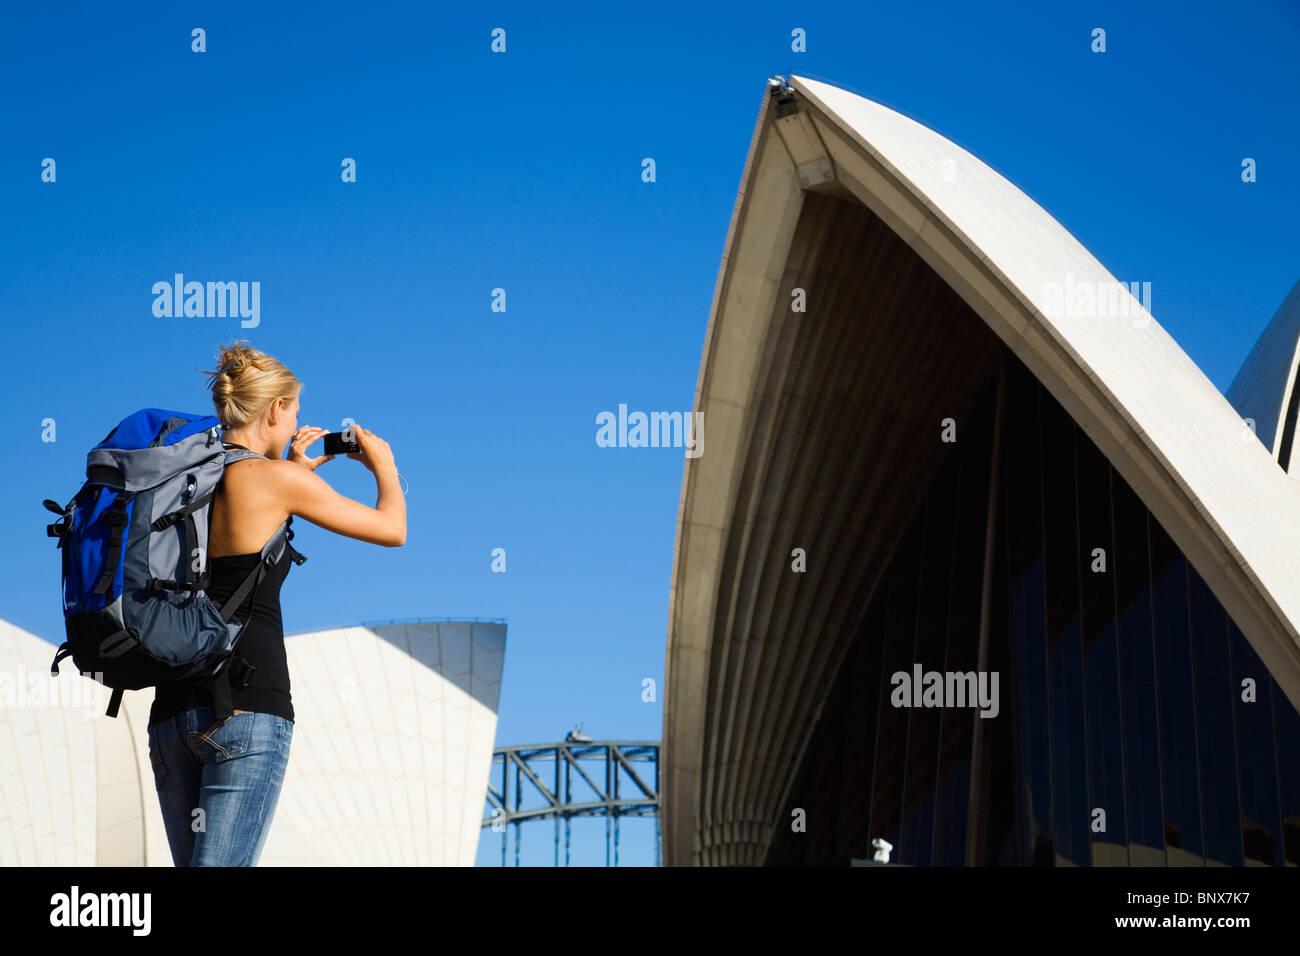 Un backpacker fotografie Opera House di Sydney, Nuovo Galles del Sud, Australia. Foto Stock